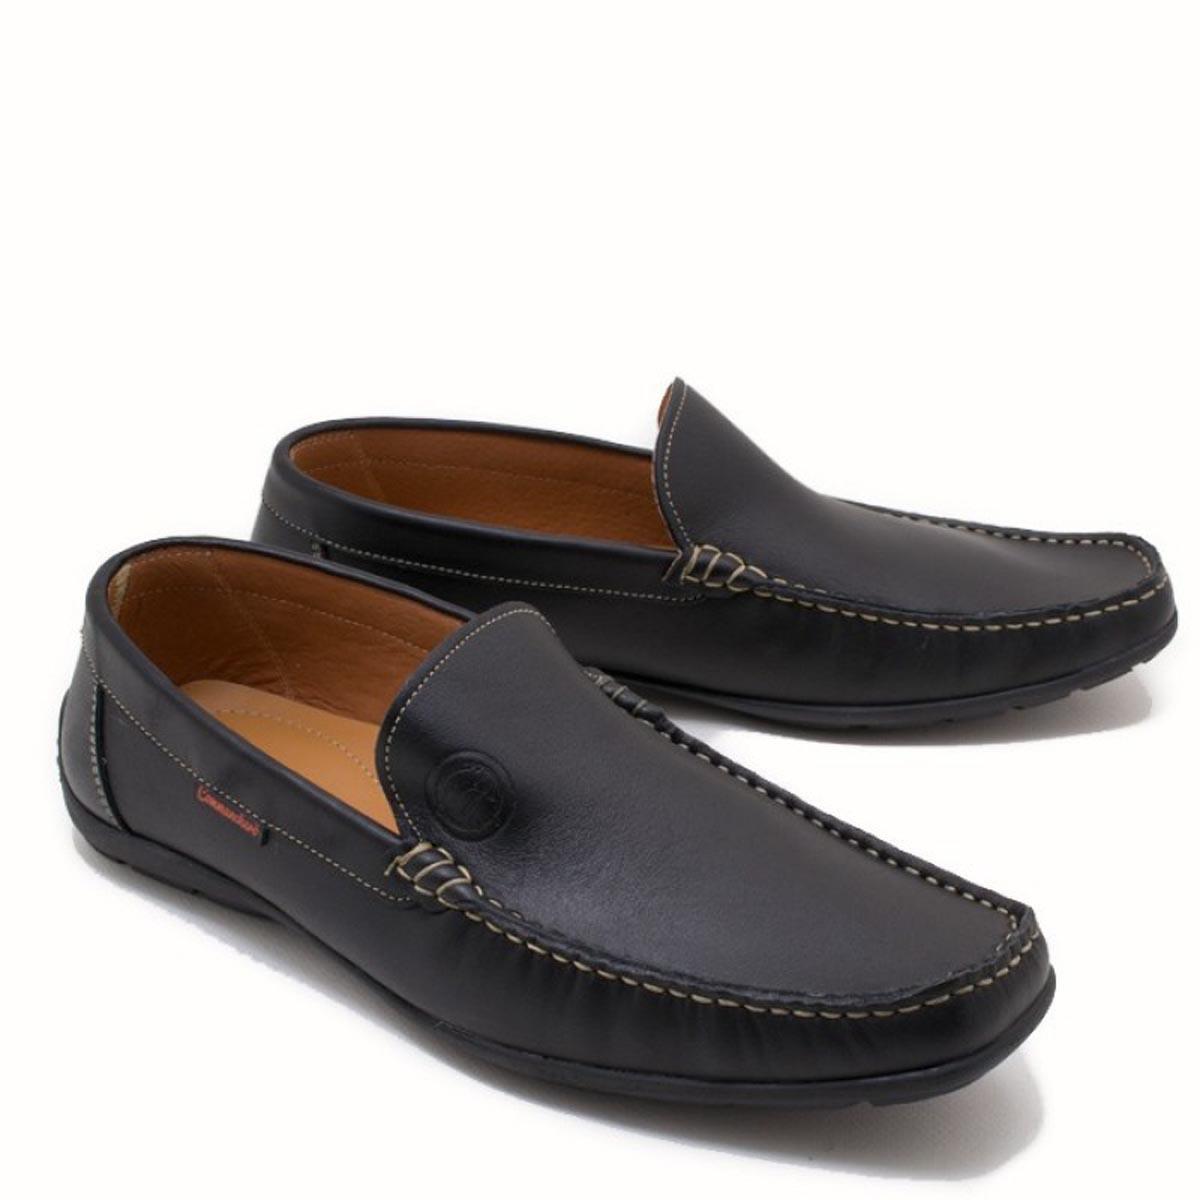 Ανδρικα loafers Commachero 815-221 ΜΑΥΡΟ